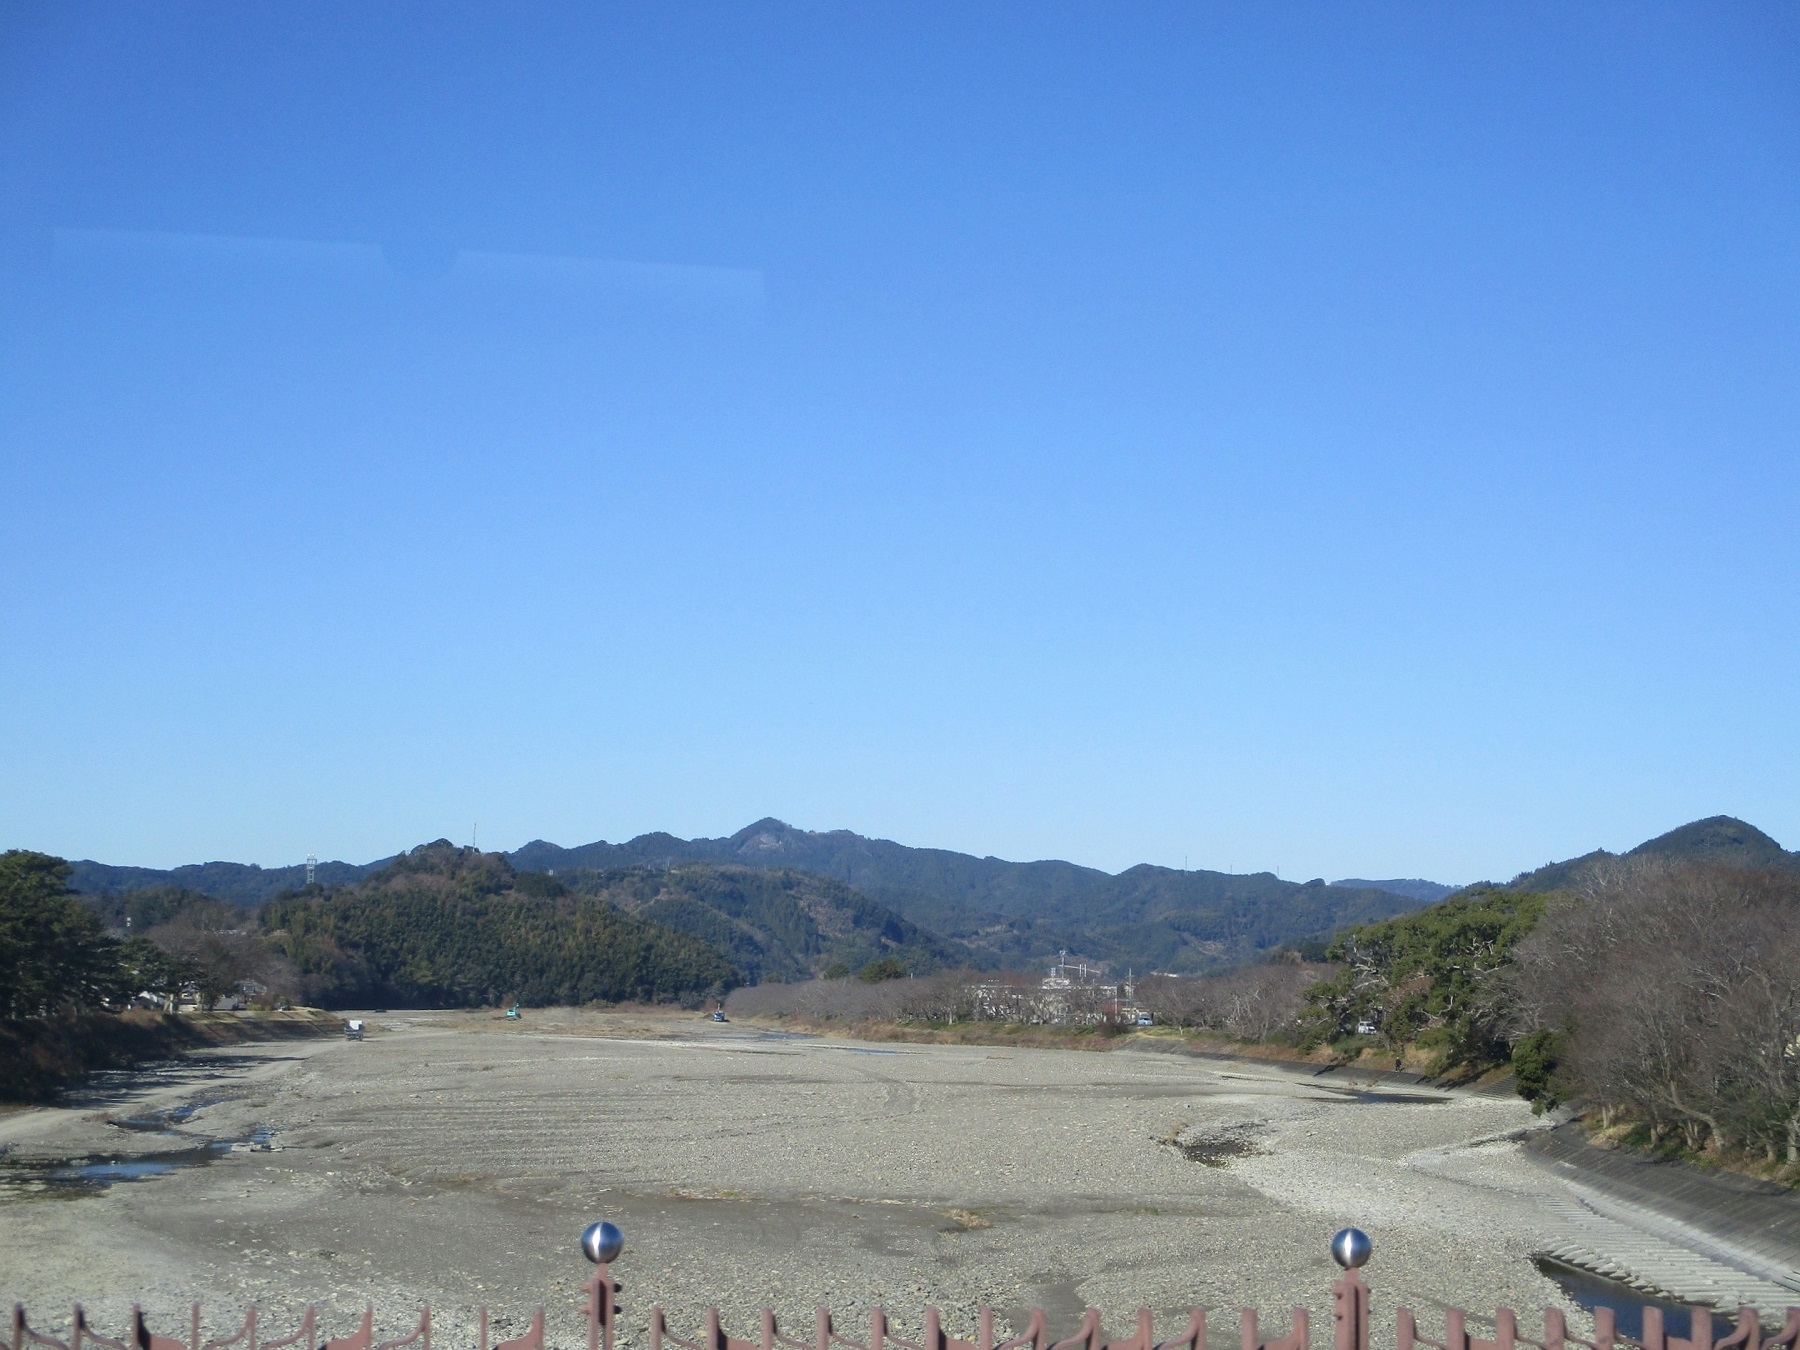 2020.1.21 (63) 新静岡バスターミナルいきバス - 瀬戸川をわたる 1800-1350